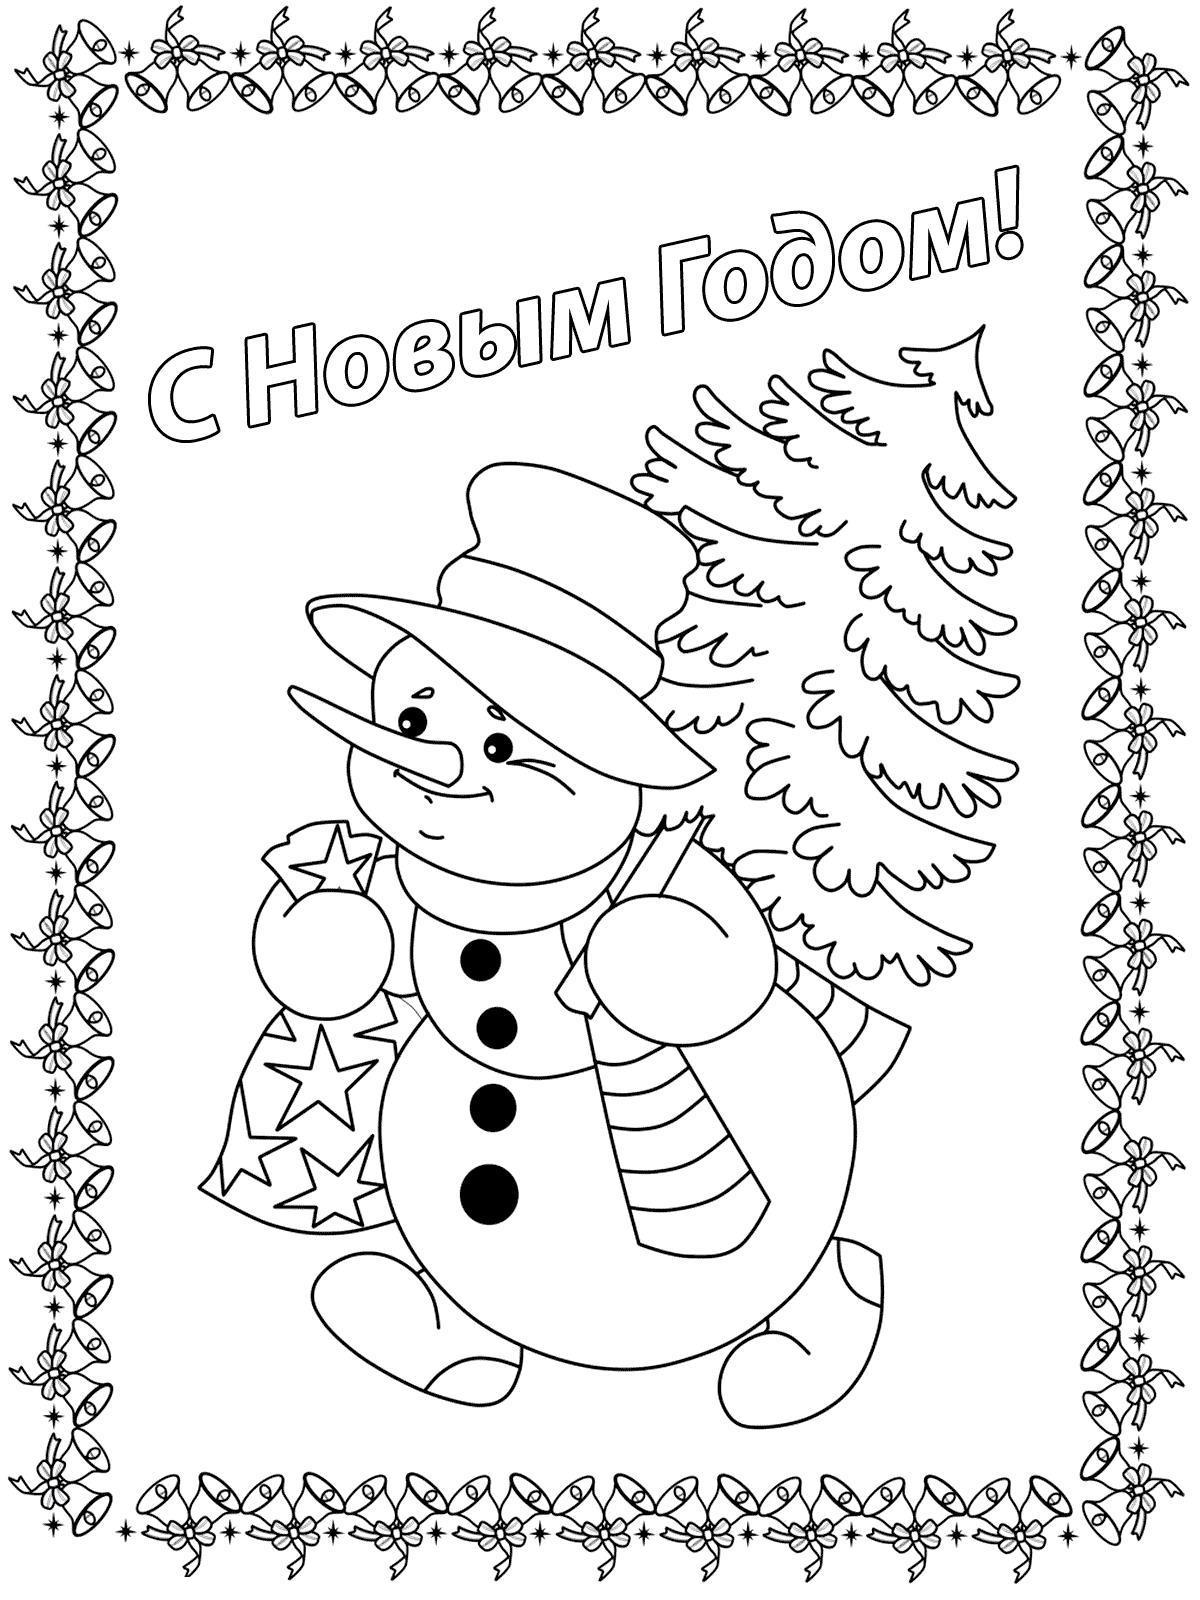 Открытки, снеговик несет елку и мешок с подарками Рисунок раскраска на зимнюю тему